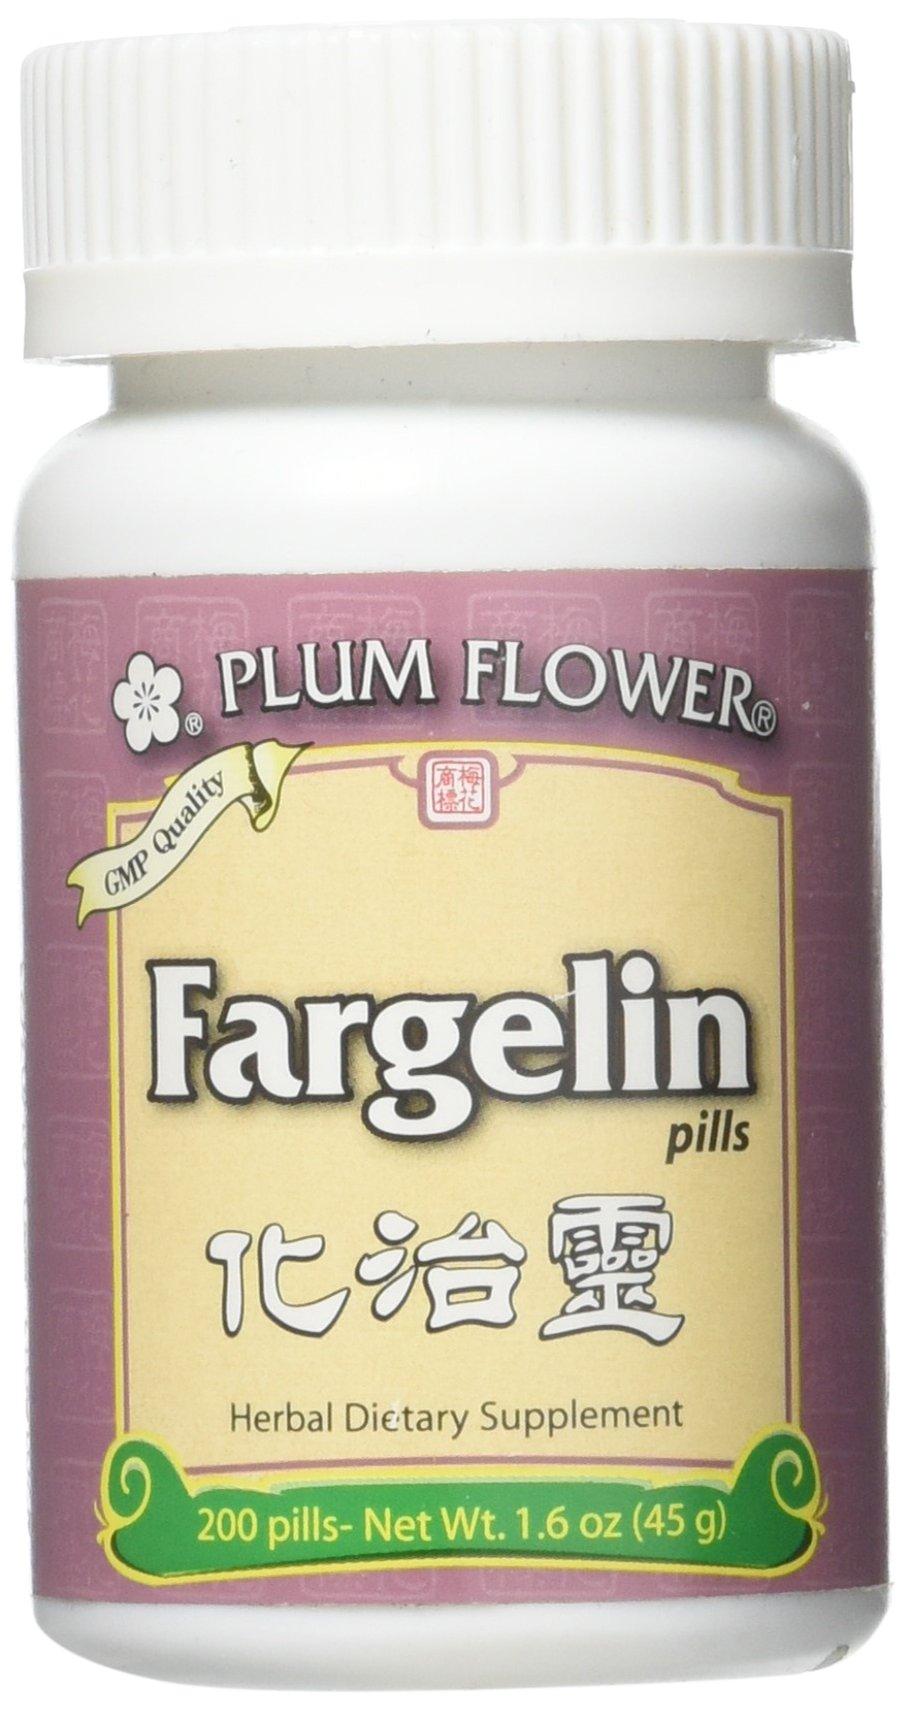 Fargelin Pills, Hua Zhi Ling Wan, 200 Pills, Plum Flower by Plum Flower